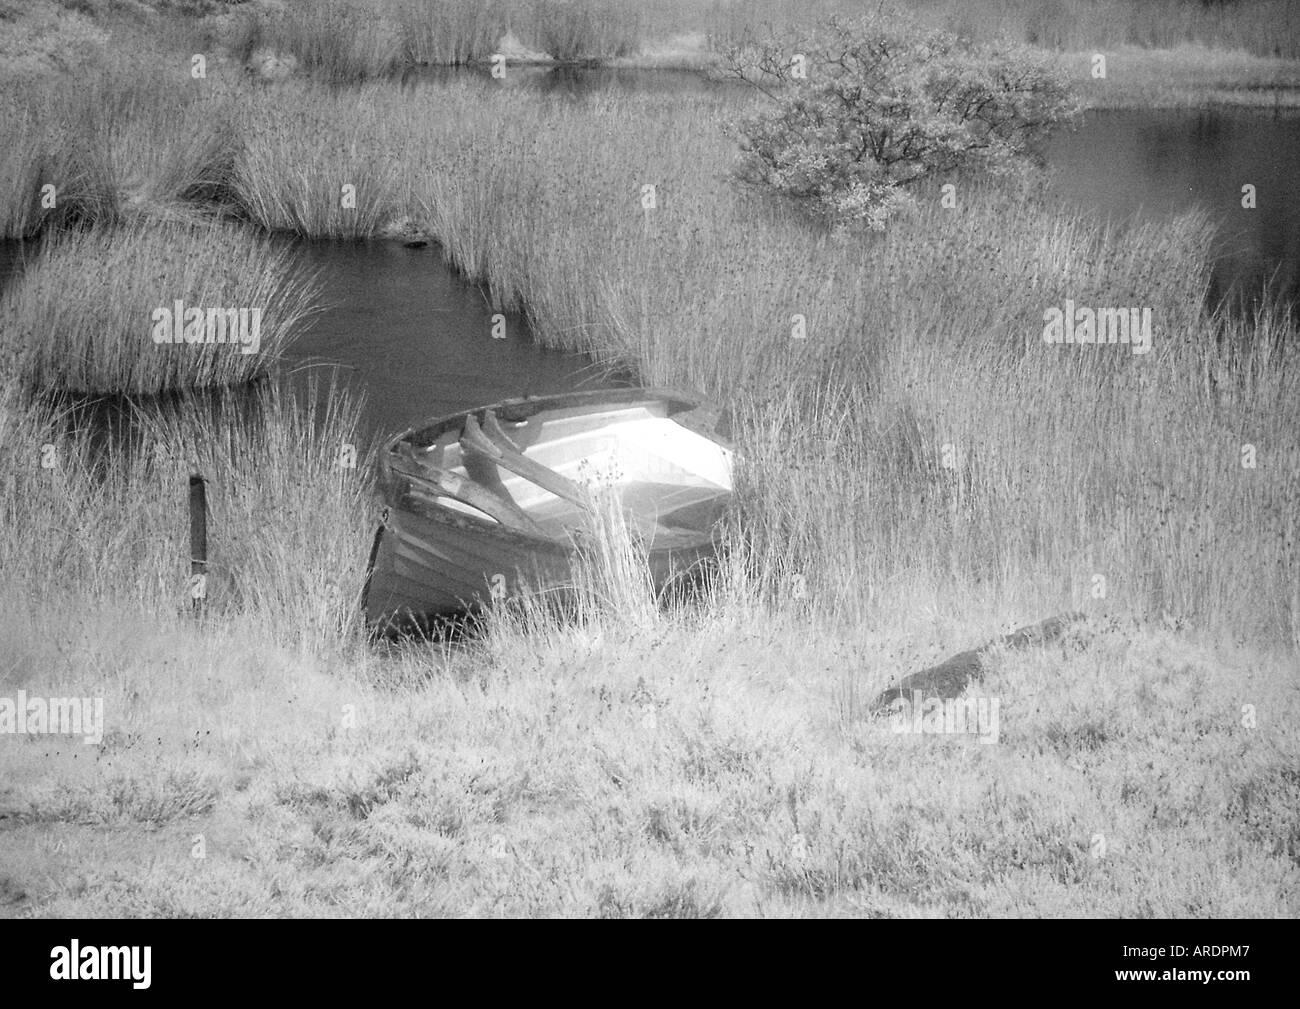 Bateau sur le lac - Infra Rouge - monochrome Photo Stock